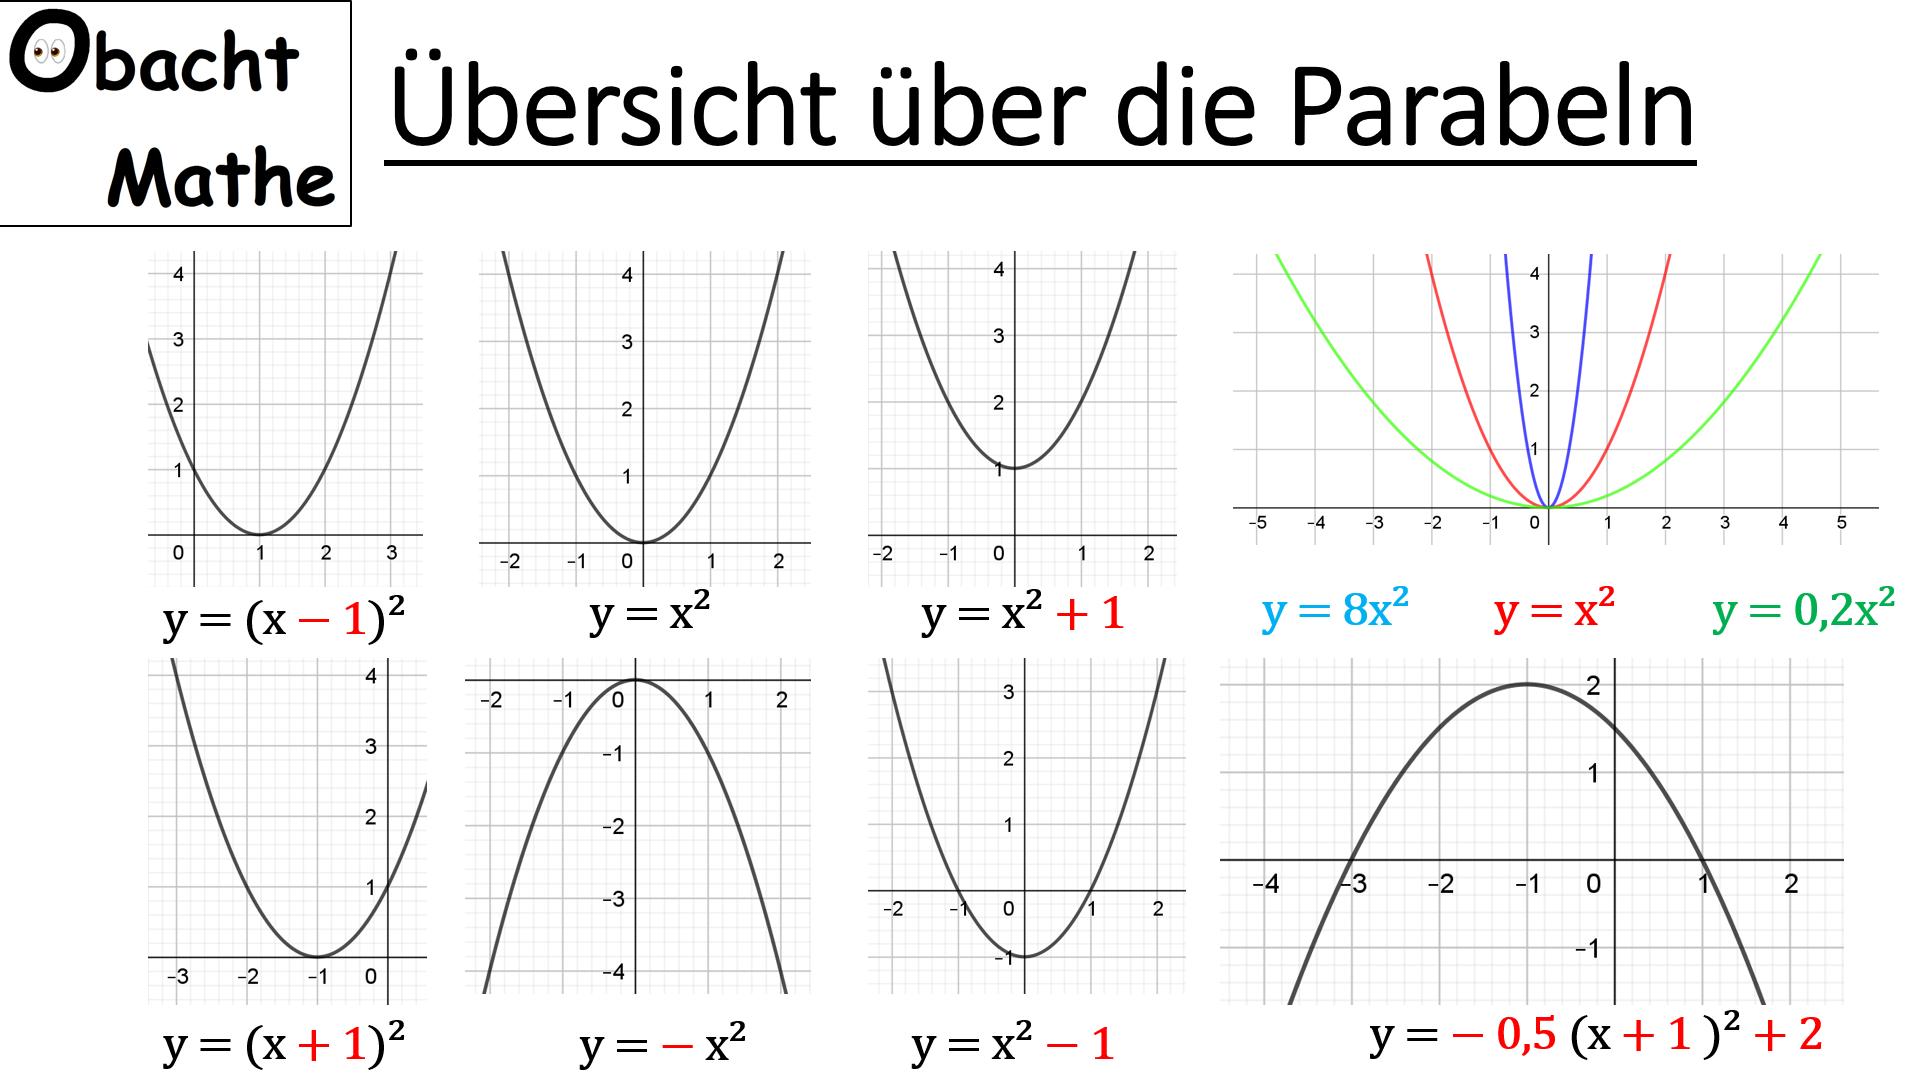 Ubersicht Uber Die Parabeln Gestreckt Gestaucht Normalparabel Zur Seite Verschoben Nach Oben Unten Verschoben N Nachhilfe Mathe Mathe Mathe Formeln